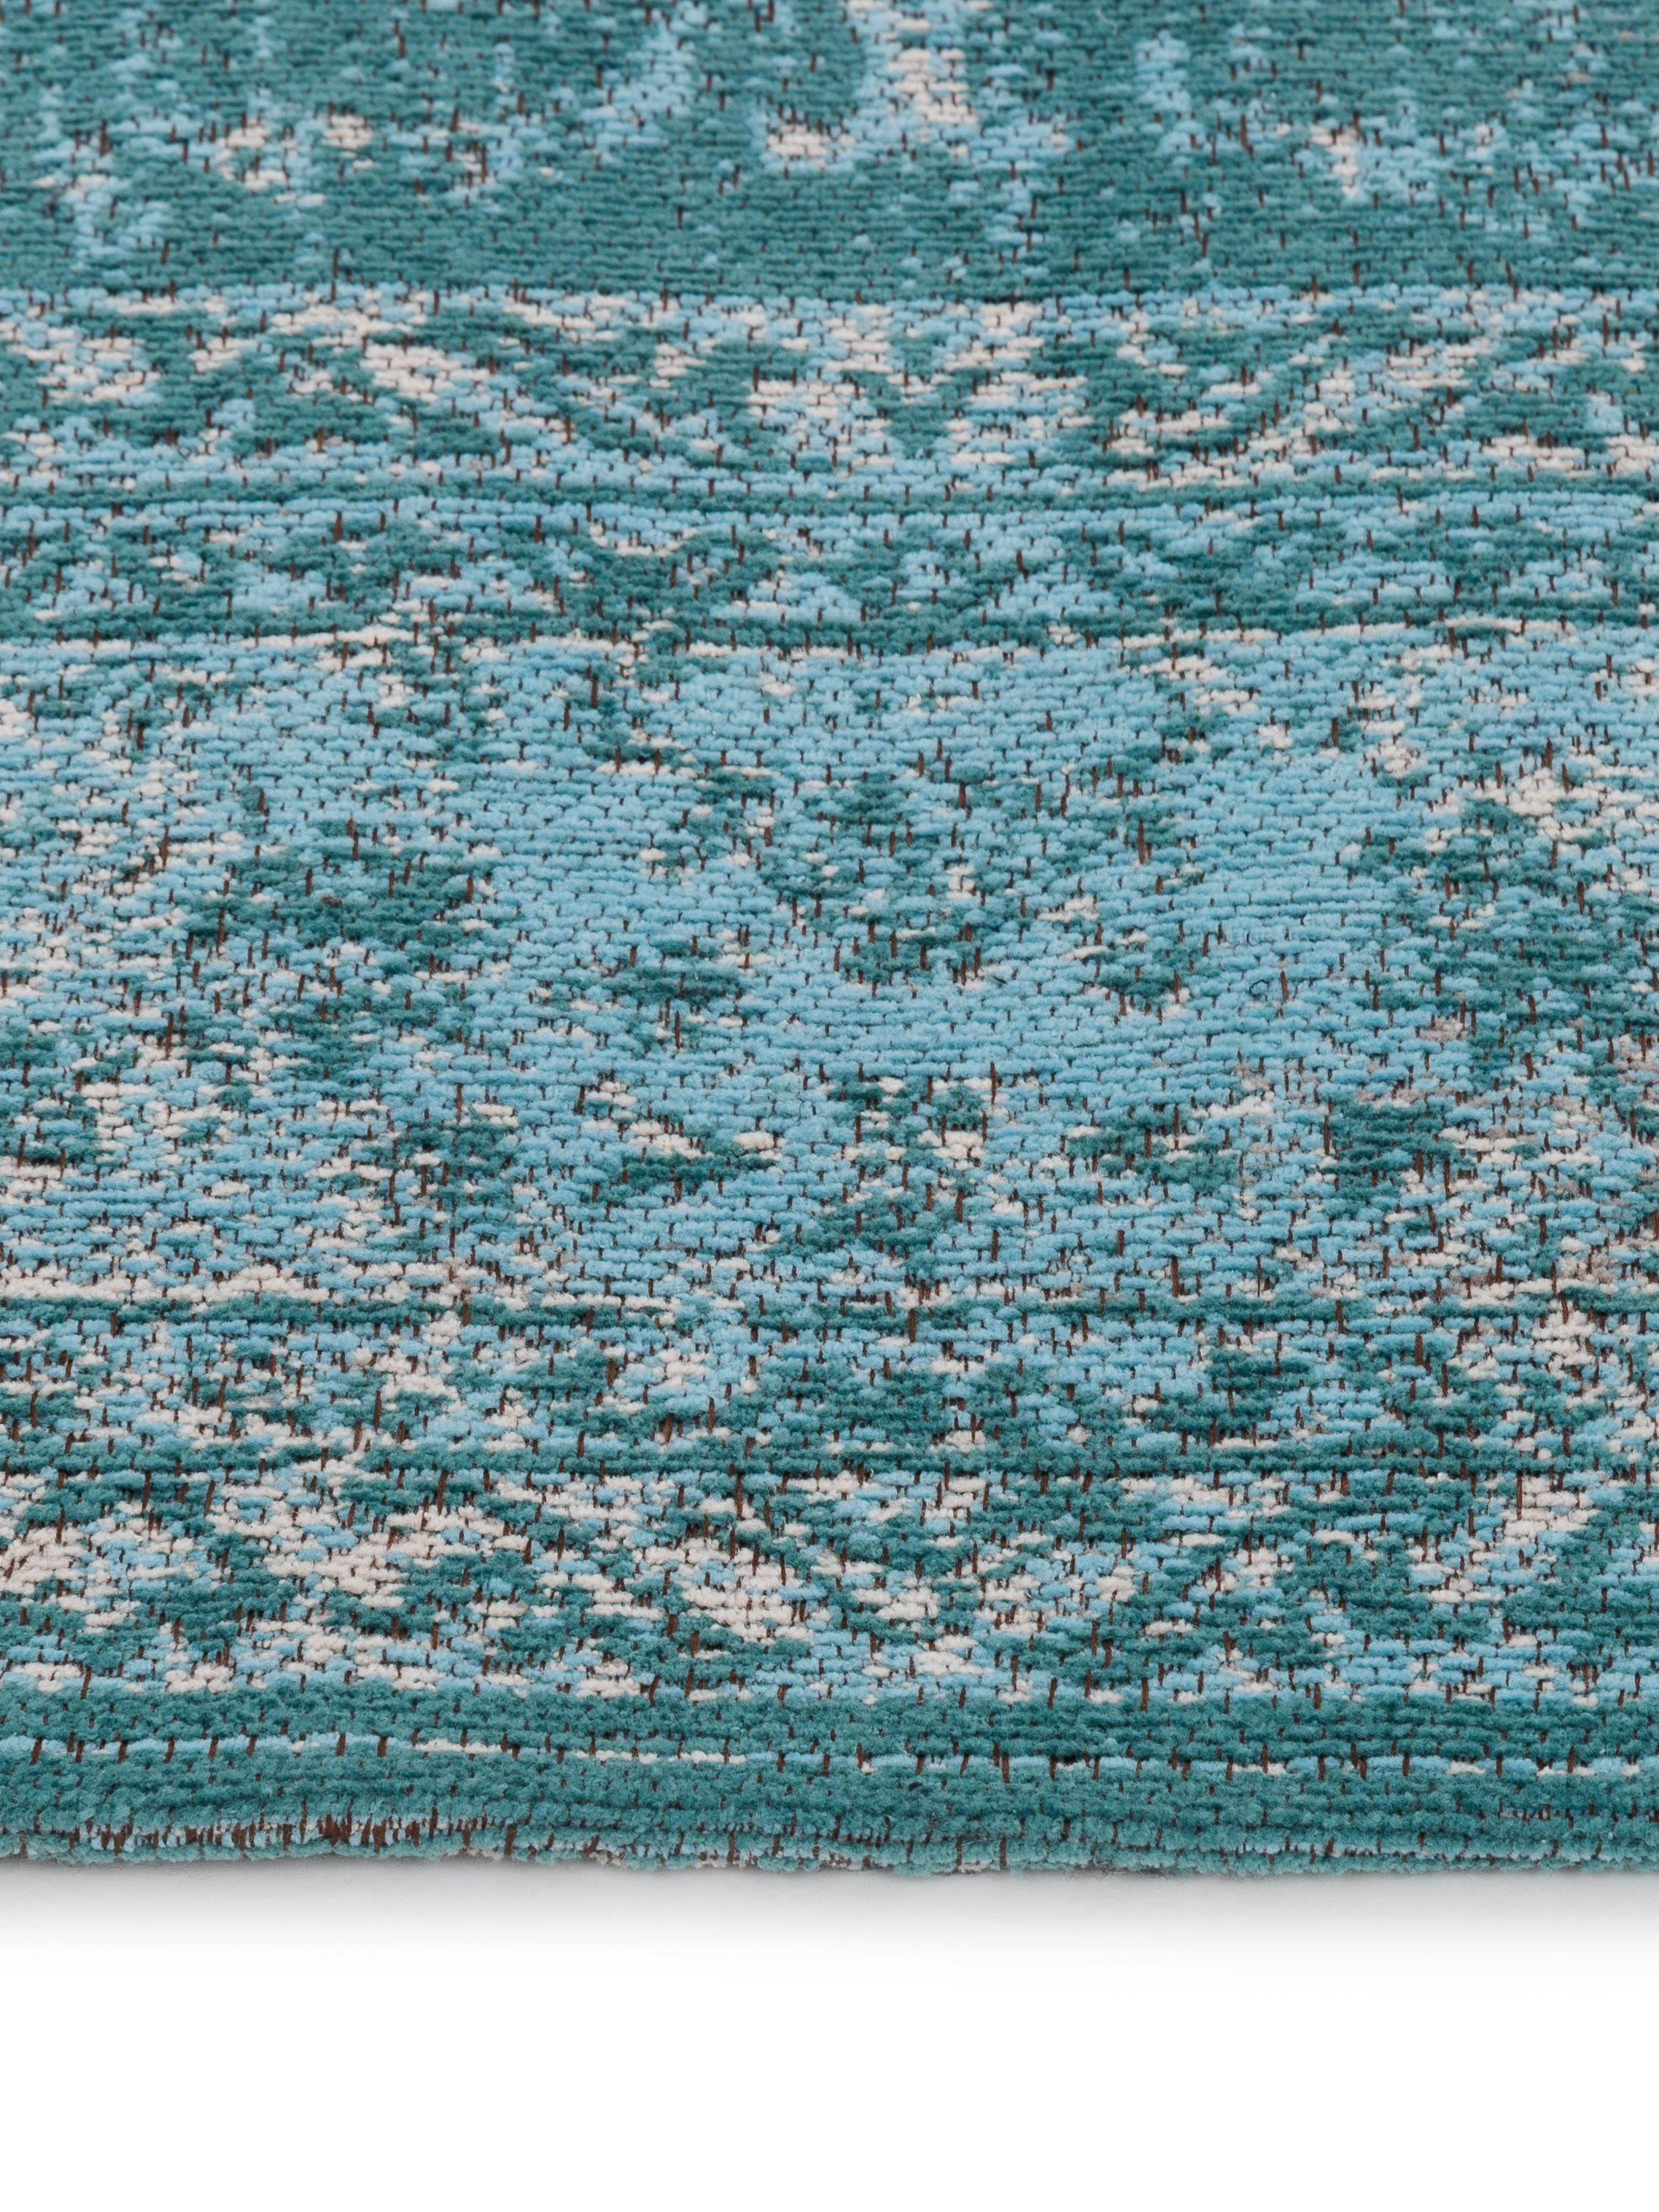 Vintage Chenilleteppich Palermo in Türkis, Flor: 95% Baumwolle, 5% Polyest, Türkis, Hellblau, Creme, B 120 x L 180 cm (Größe S)